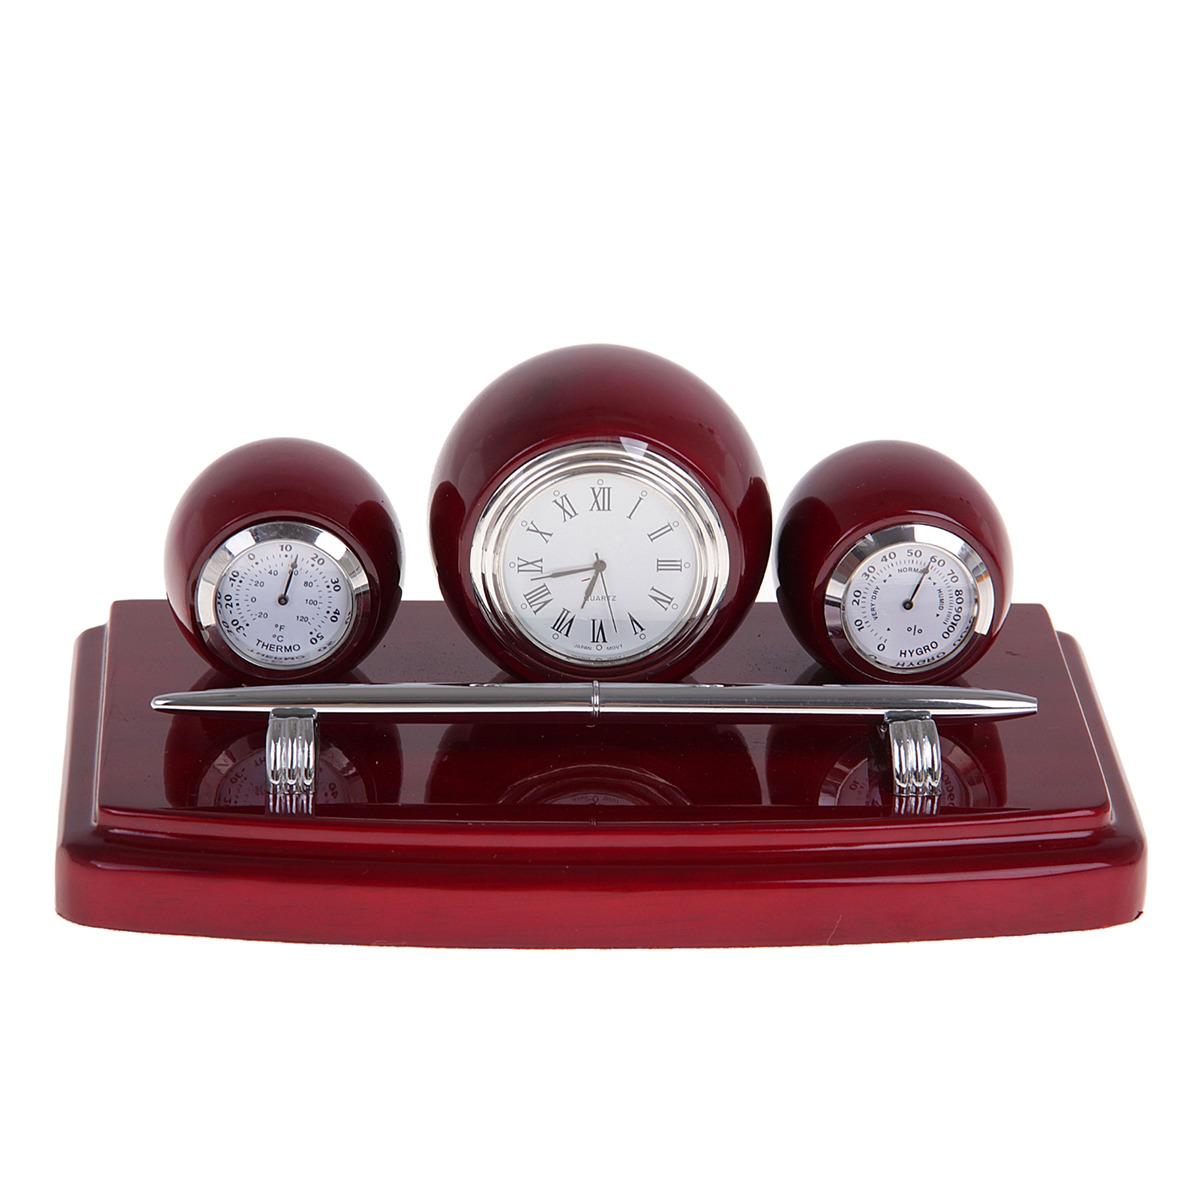 Канцелярский набор Часы 4 в 1, 186773, коричневый, 12 х 19,5 см